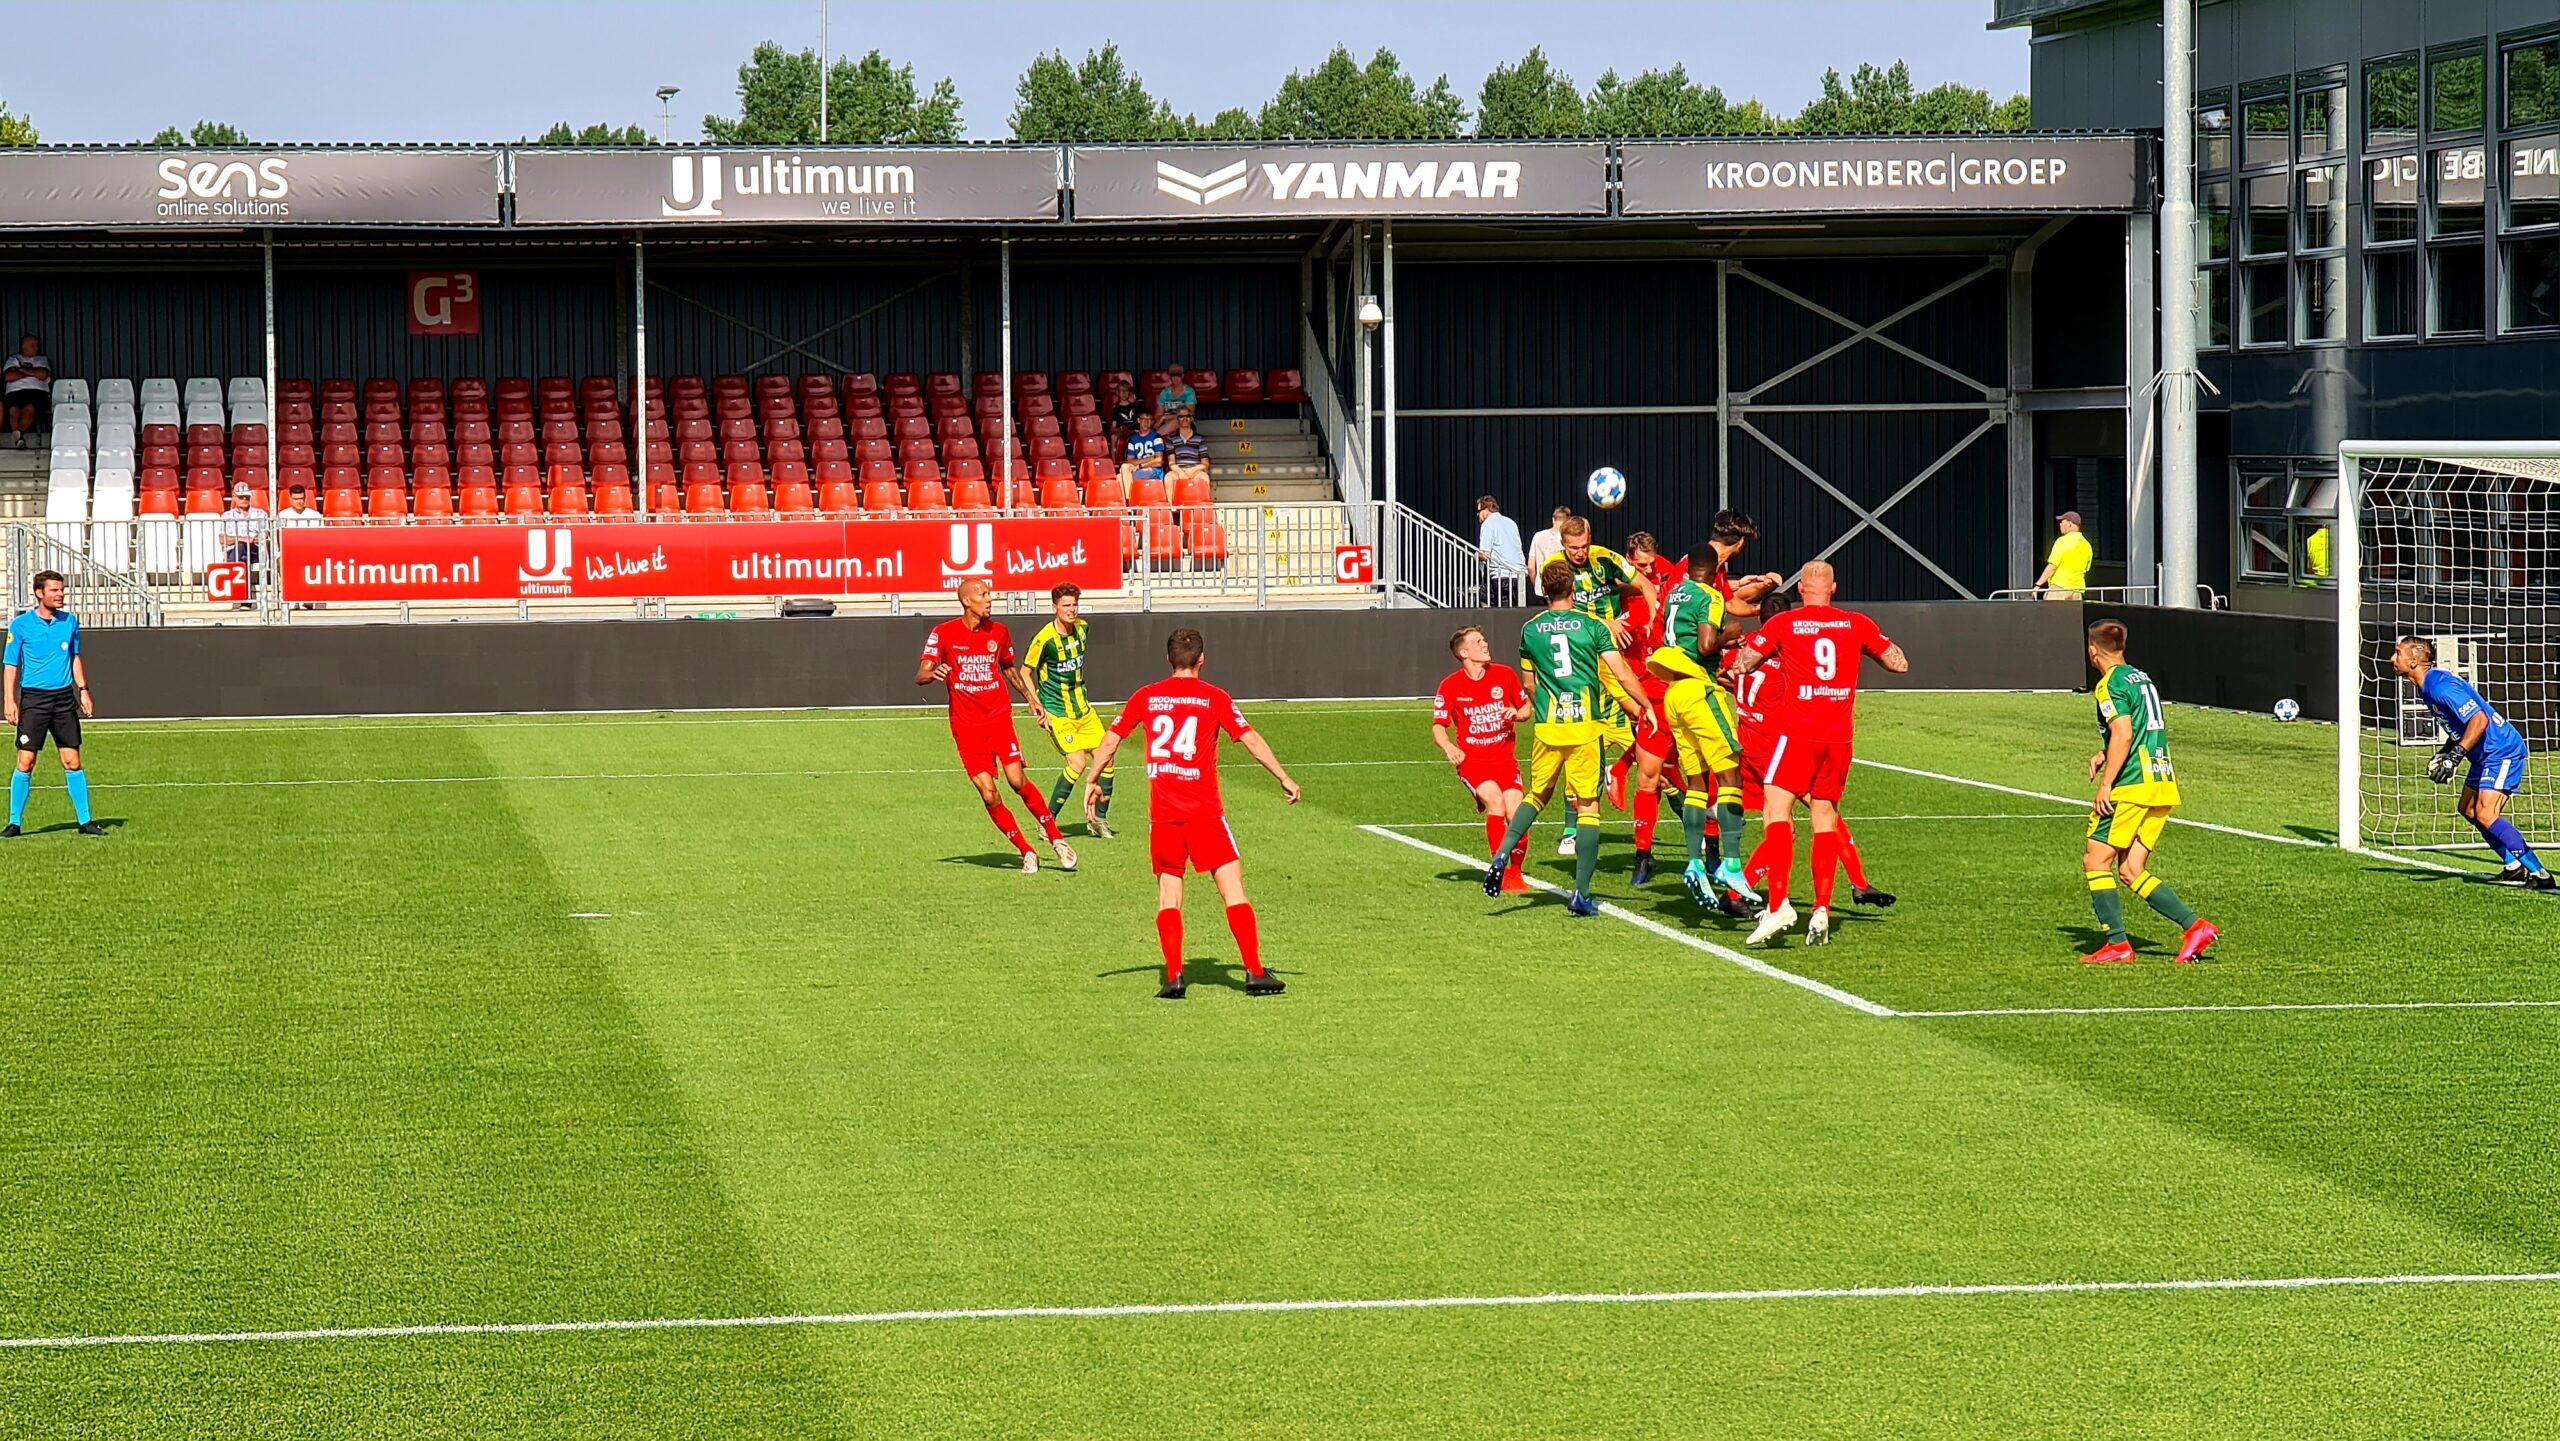 Almere City FC verliest na 120 minuten voetbal van ADO Den Haag